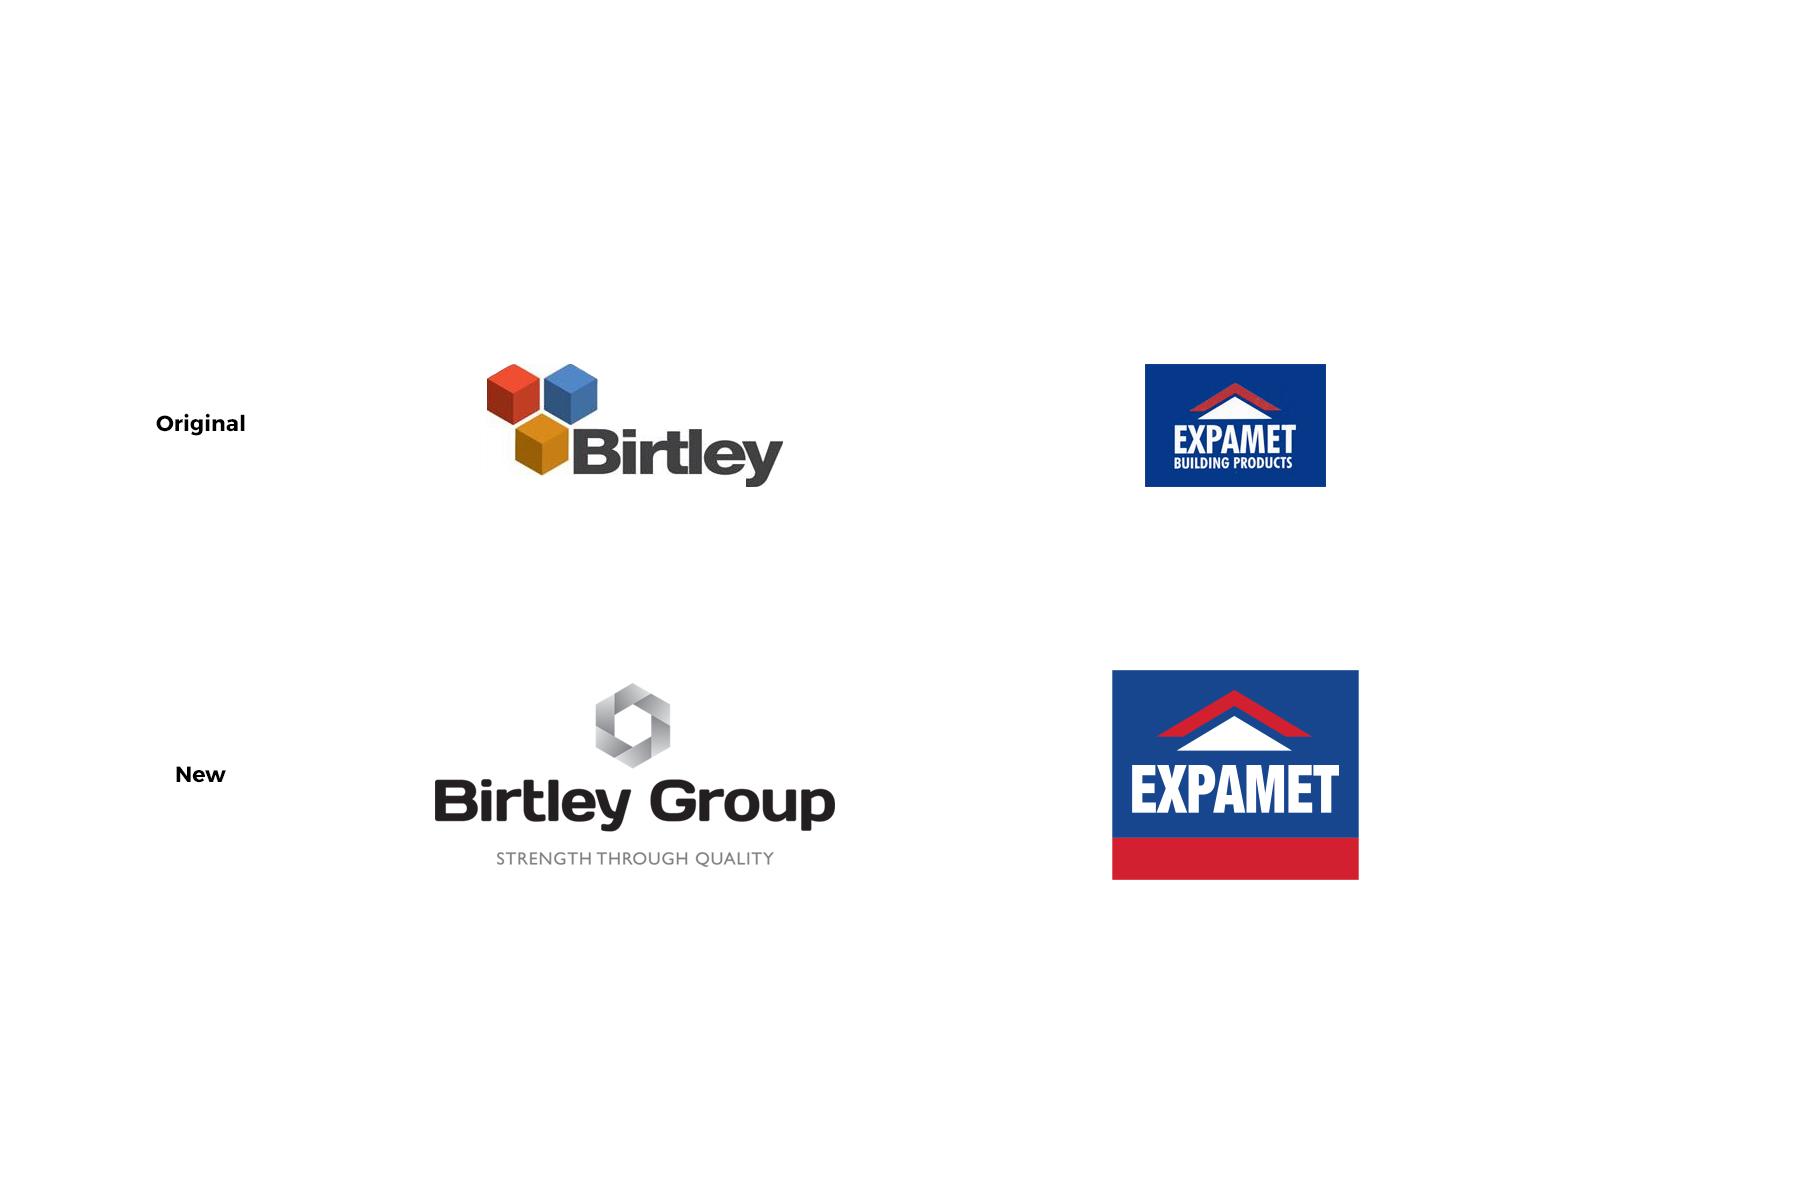 birtley and expamet logos